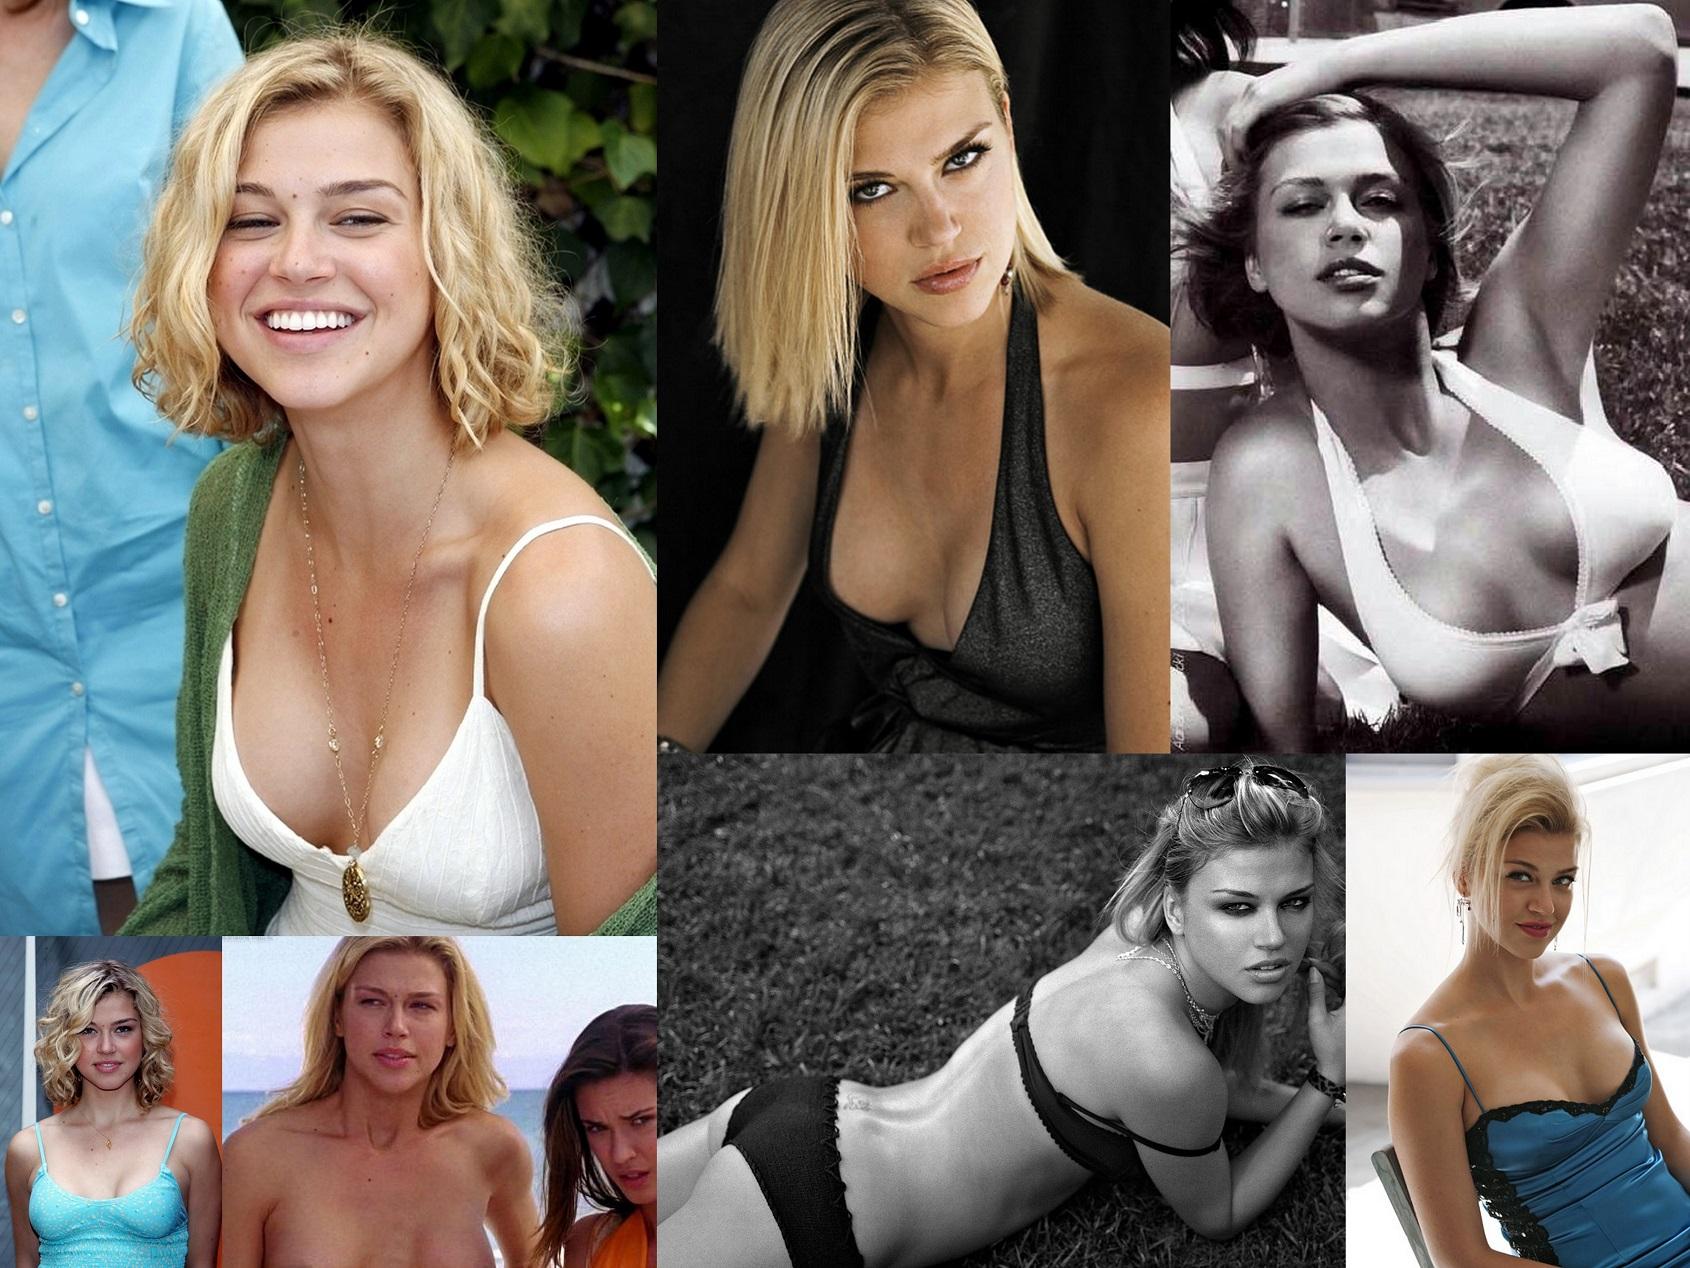 Adrianne Lee Palicki Nude